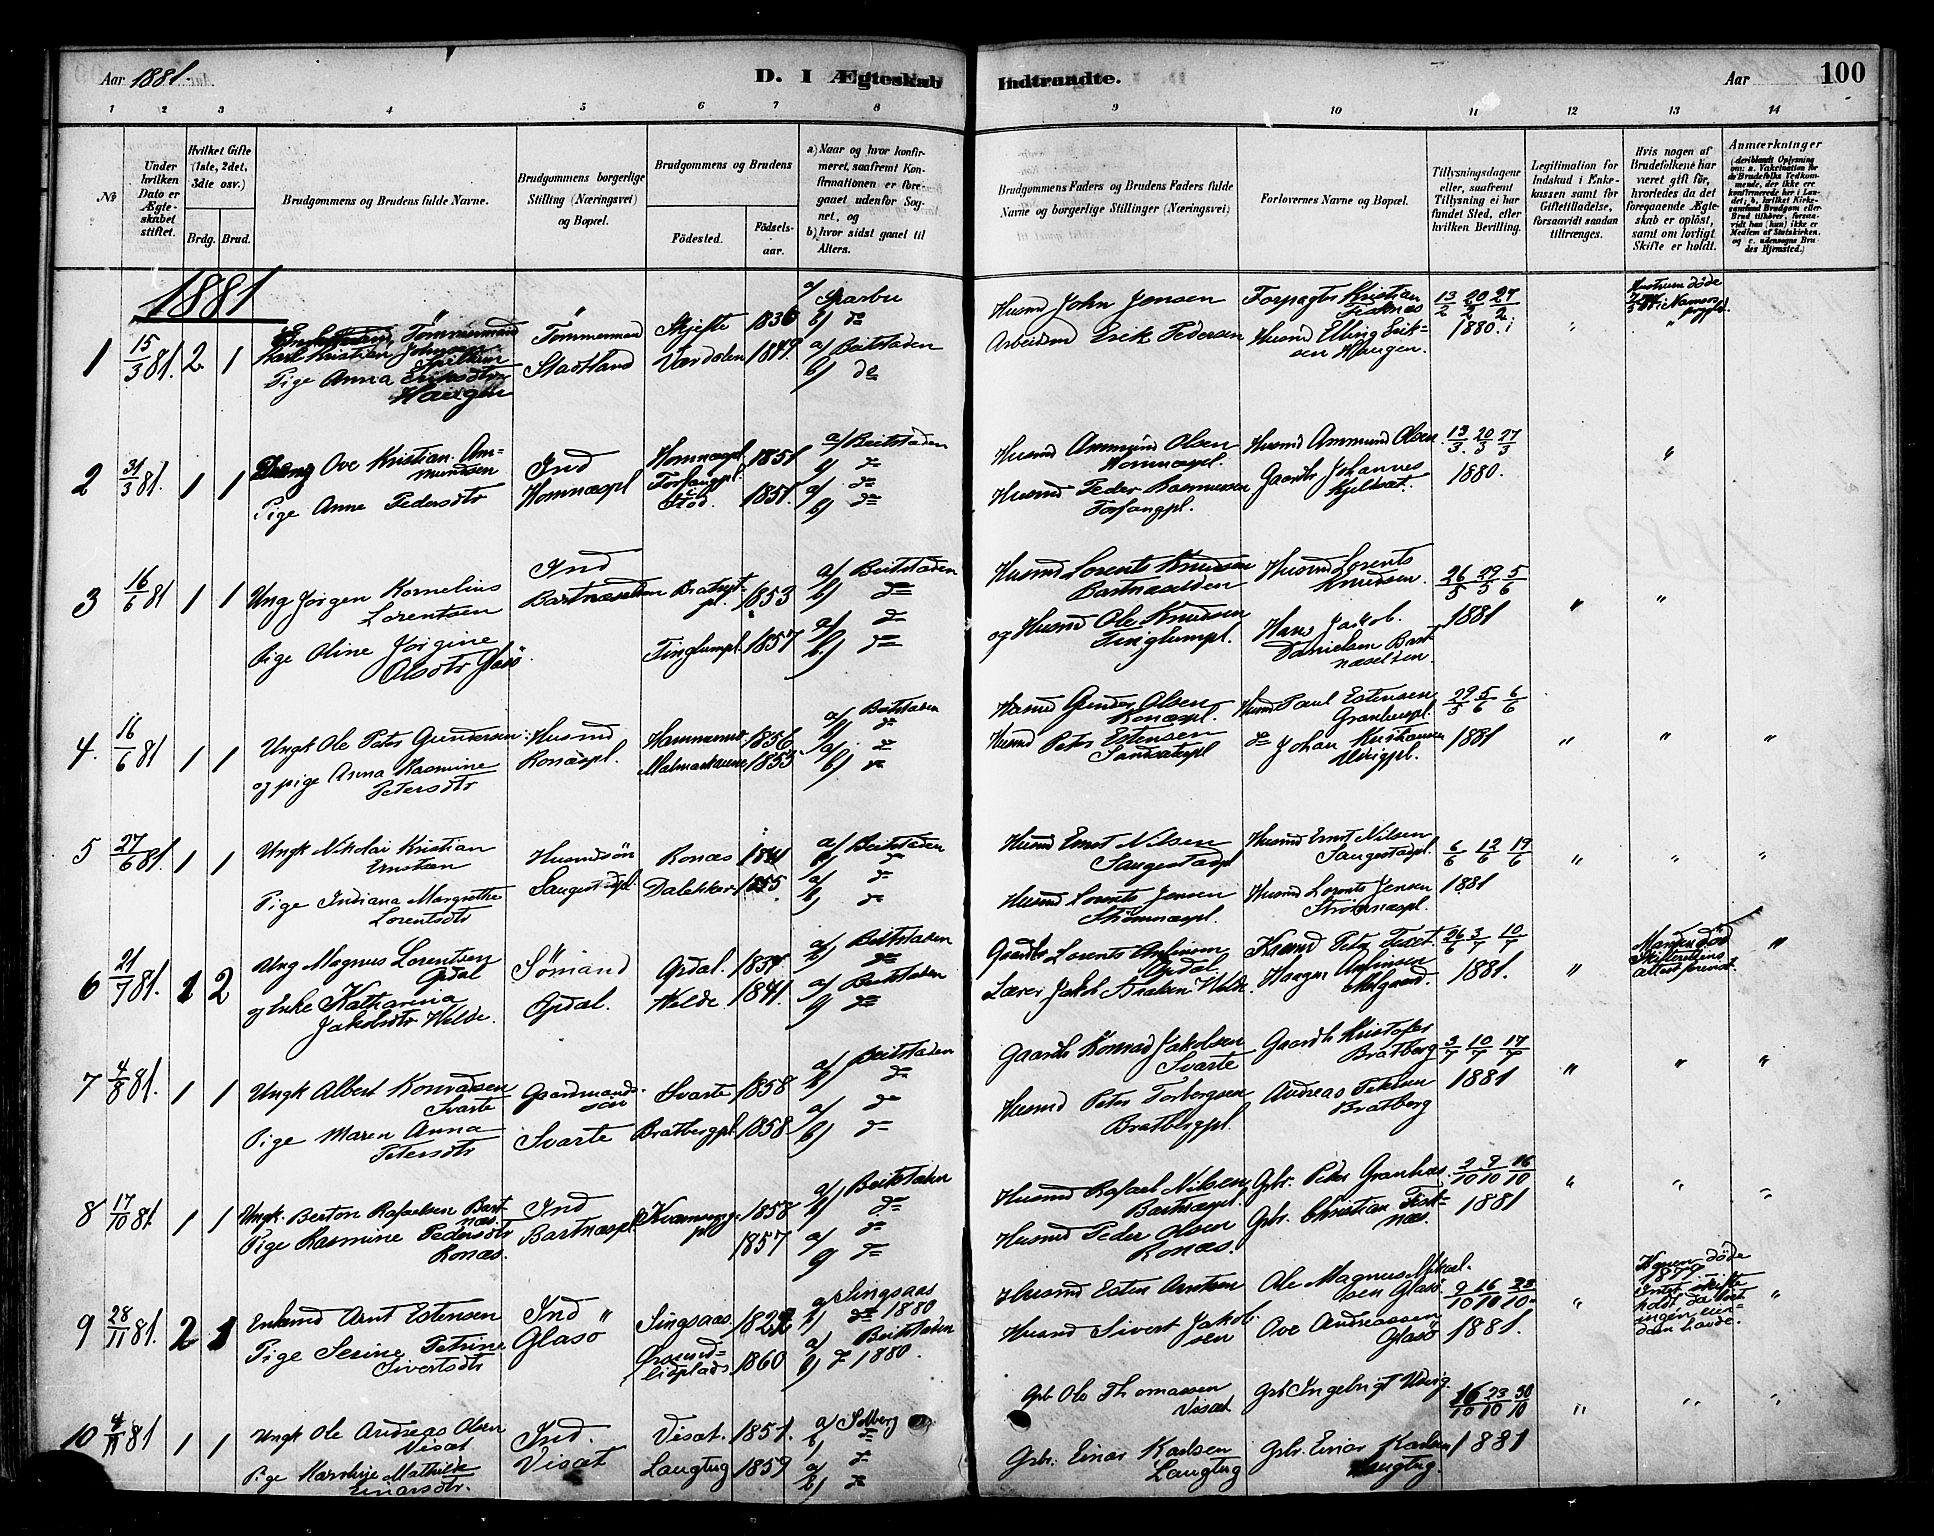 SAT, Ministerialprotokoller, klokkerbøker og fødselsregistre - Nord-Trøndelag, 741/L0395: Ministerialbok nr. 741A09, 1878-1888, s. 100